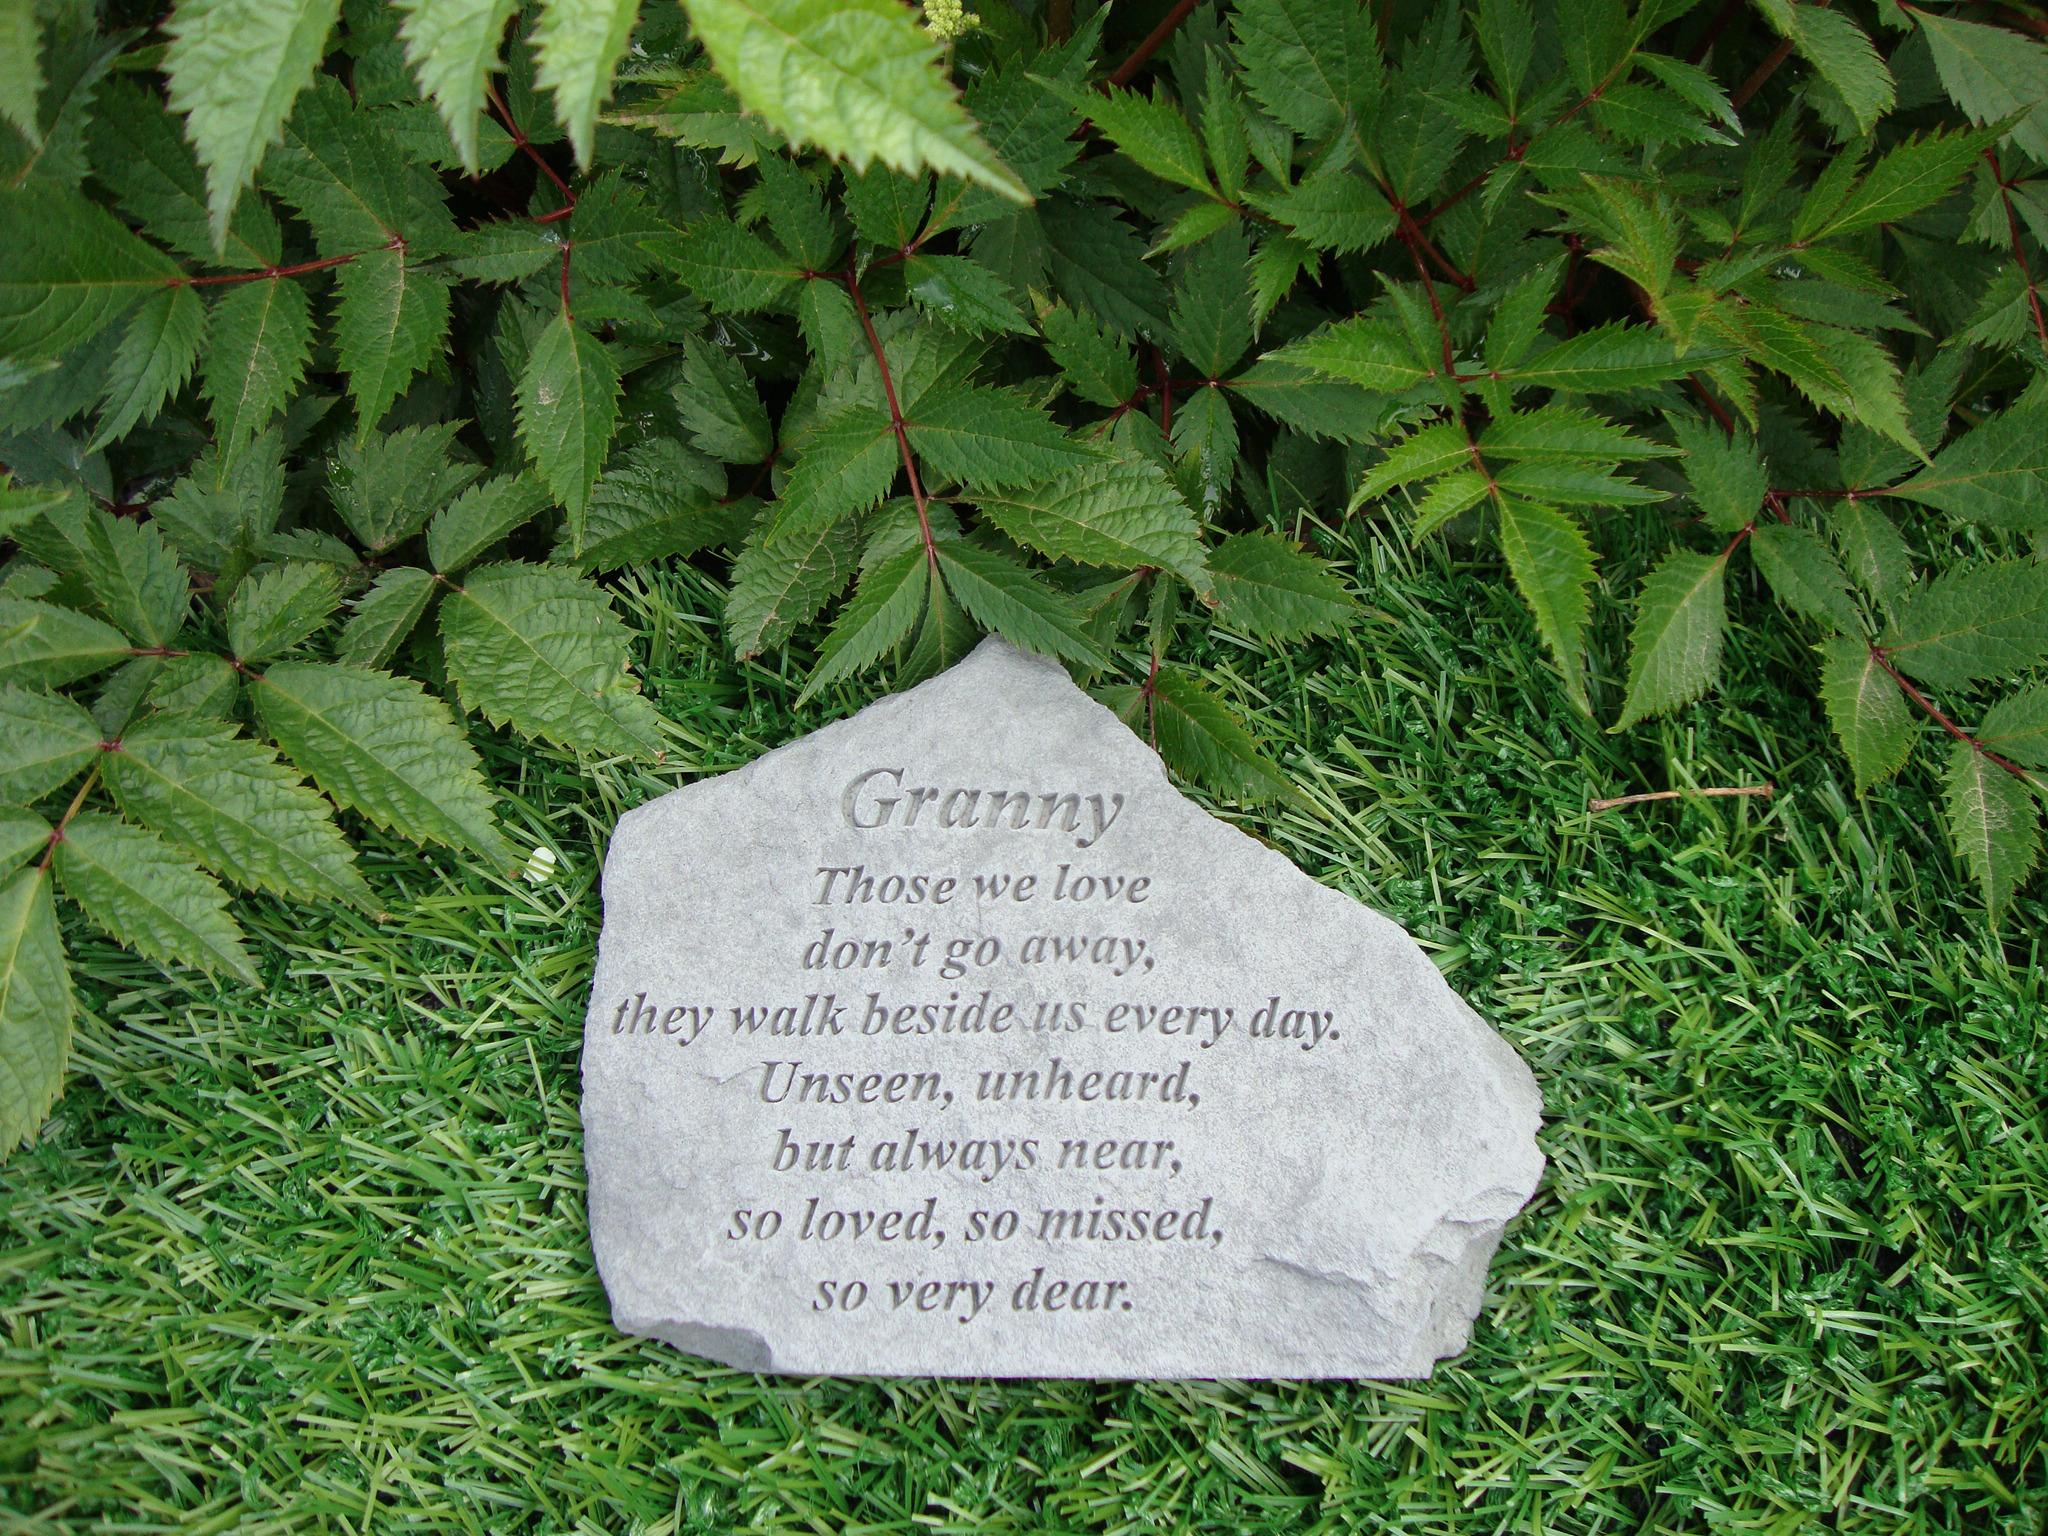 Memorial Stones Granny Garden Stone Grave Ornament